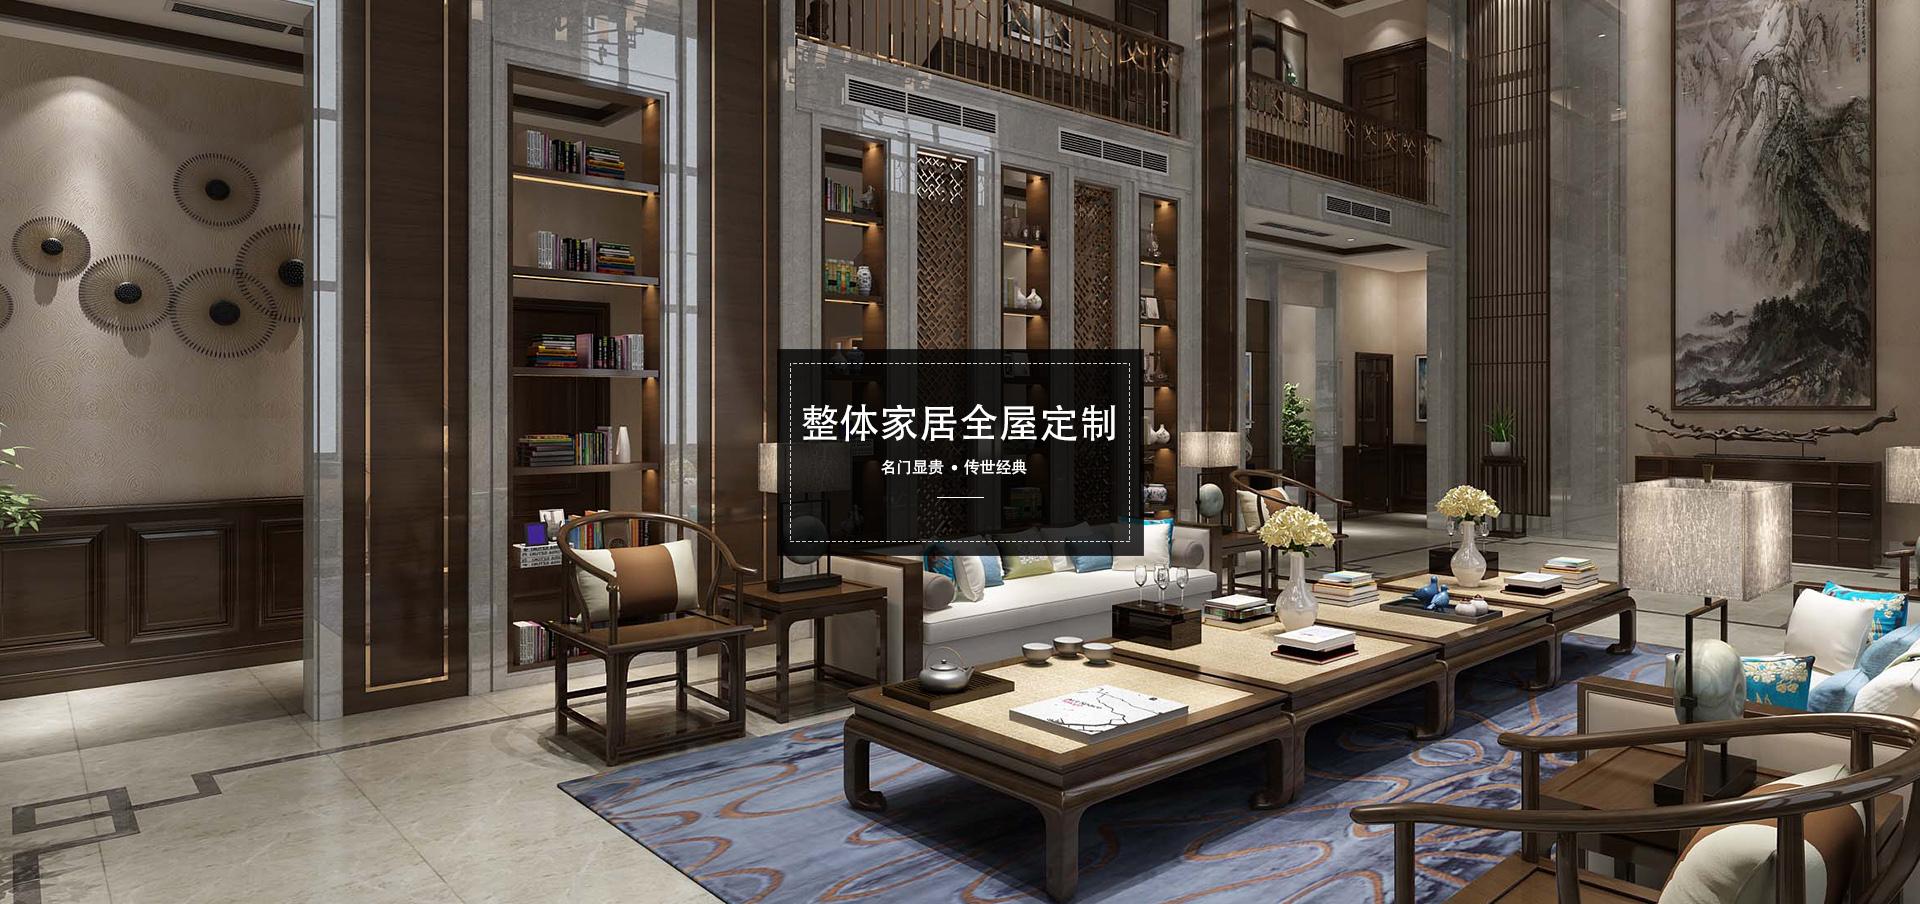 郑州实木烤漆门